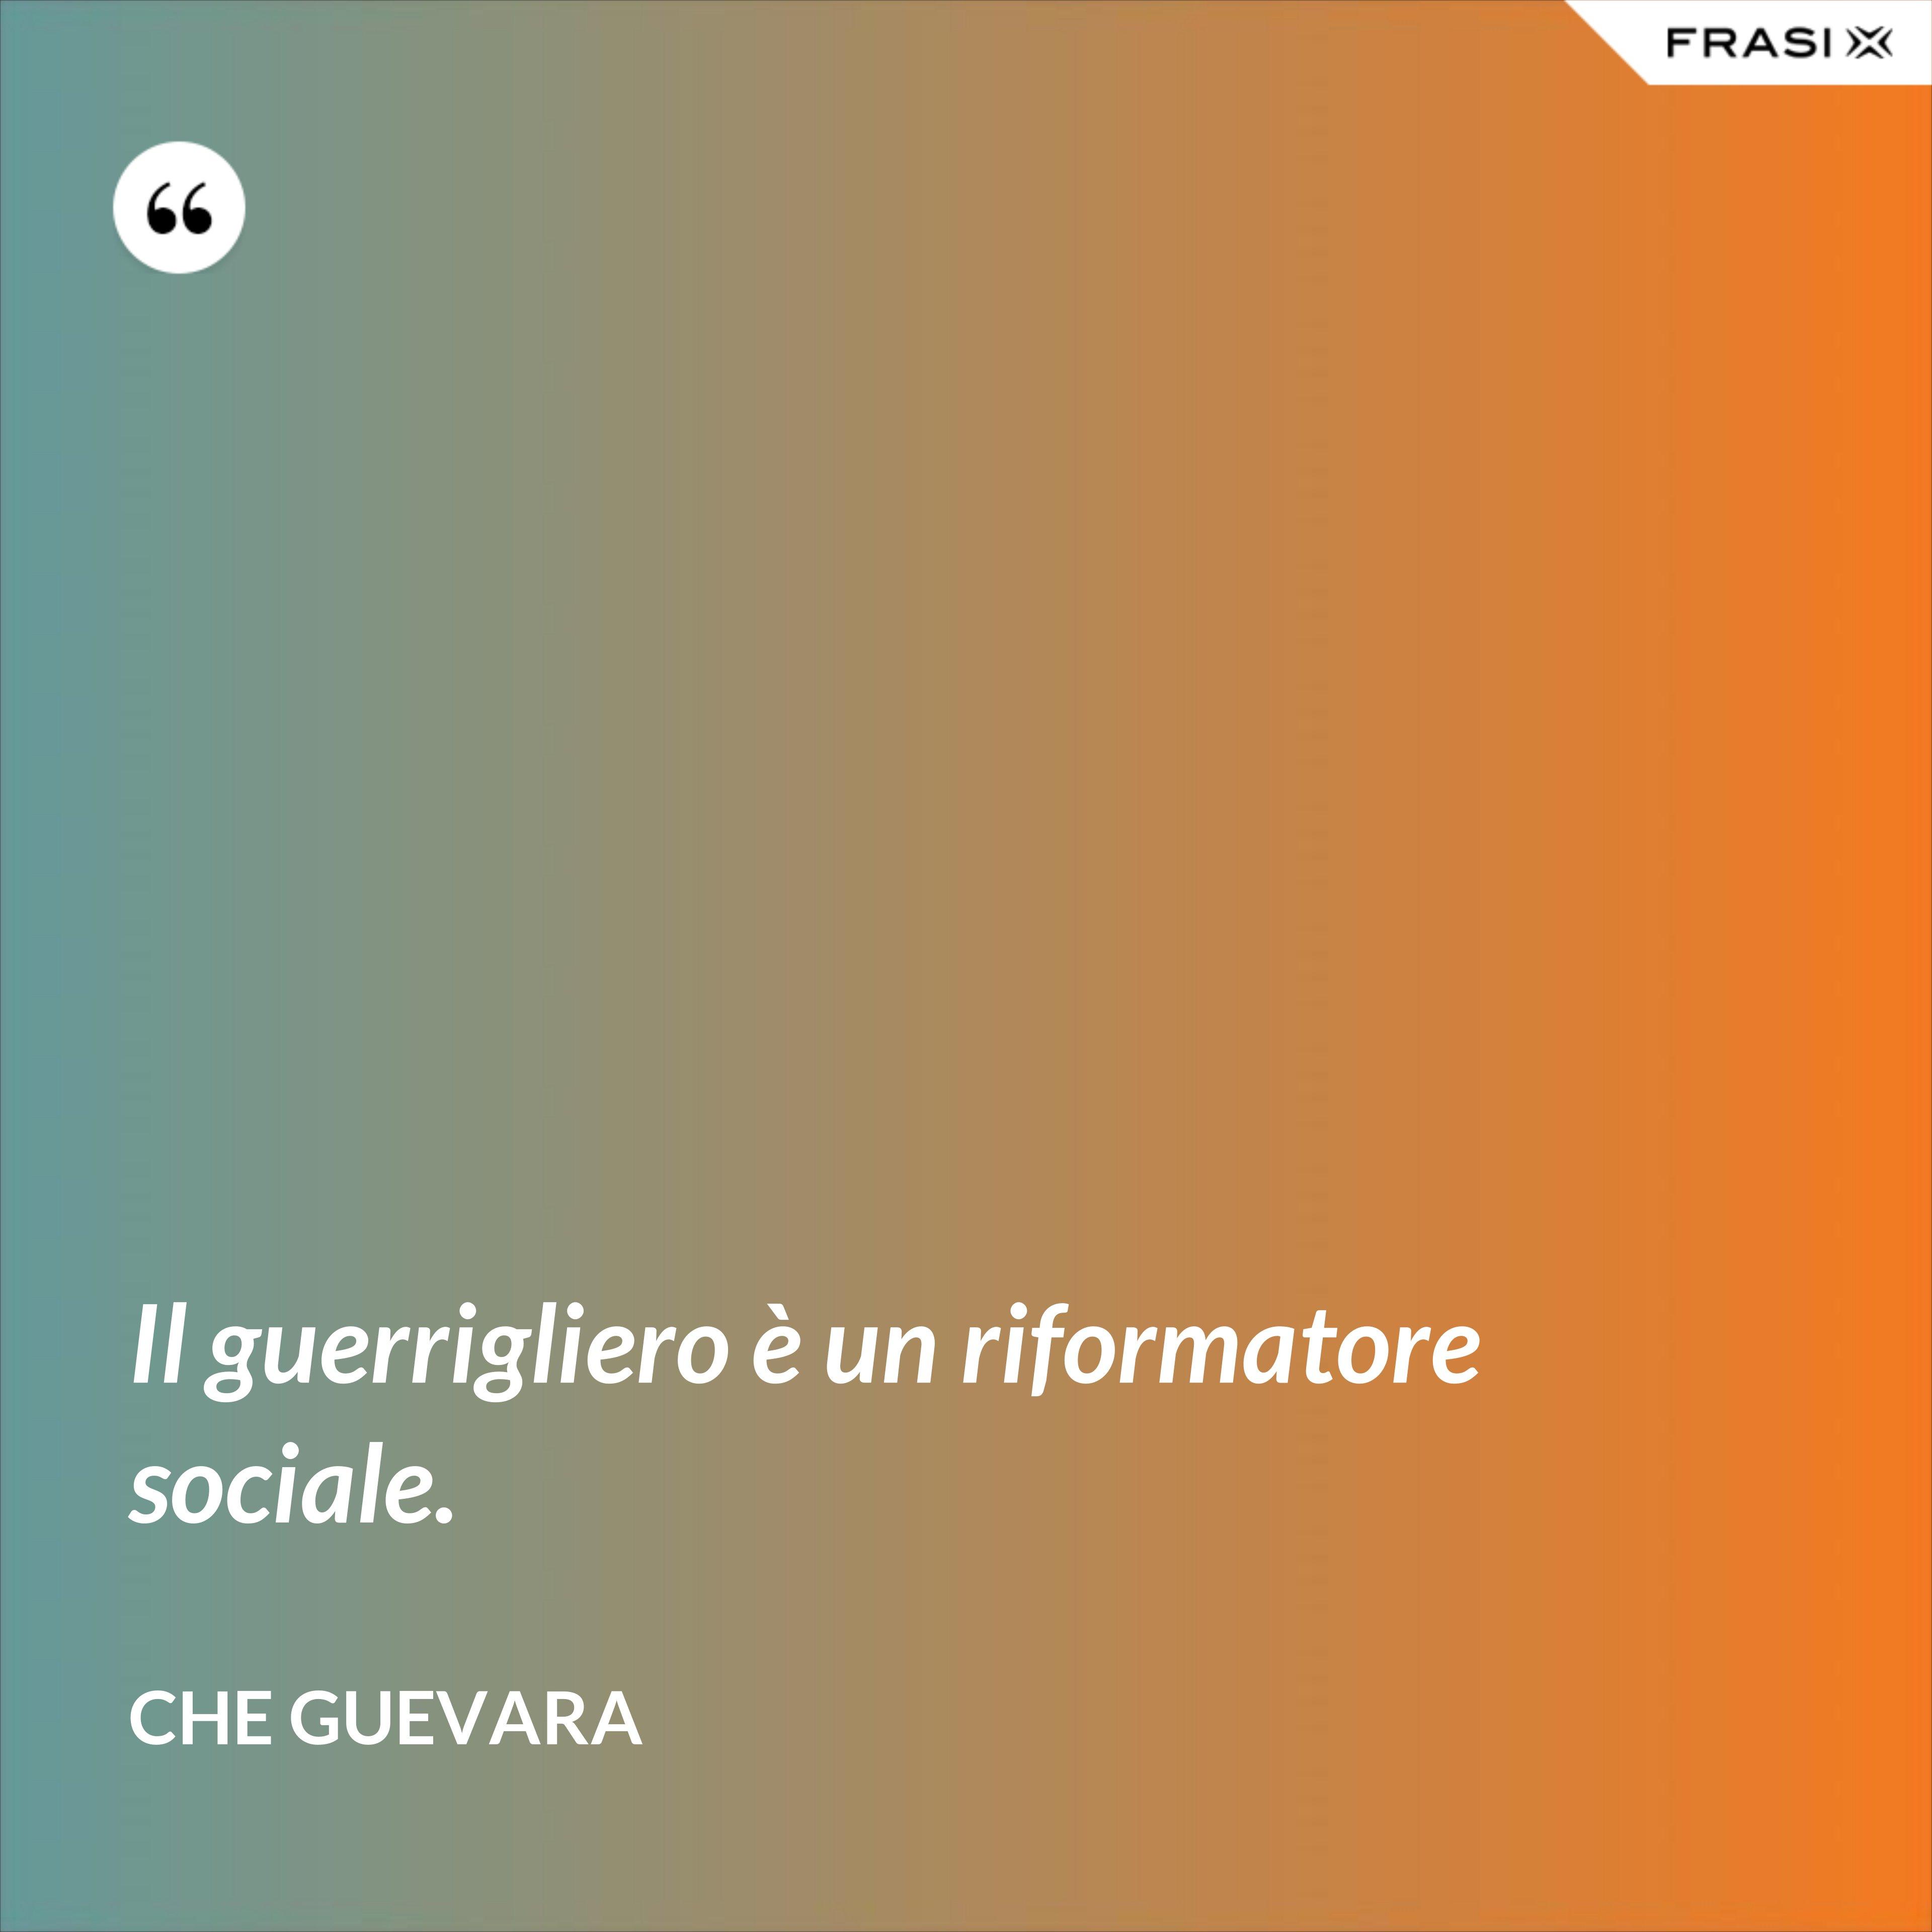 Il guerrigliero è un riformatore sociale. - Che Guevara